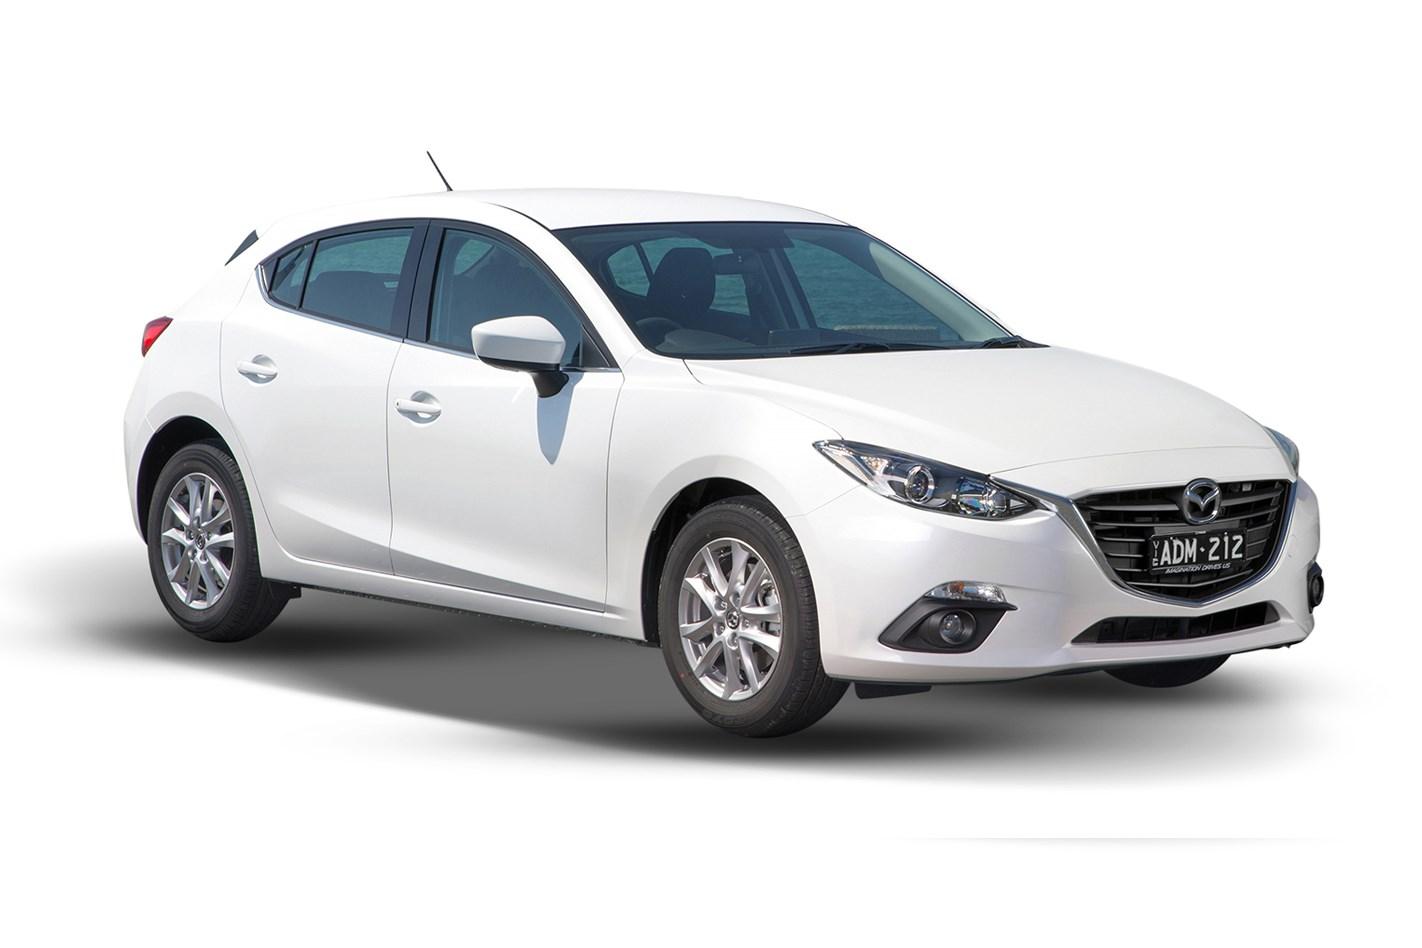 2018 Mazda 3 Maxx 2 0l 4cyl Petrol Manual Hatchback